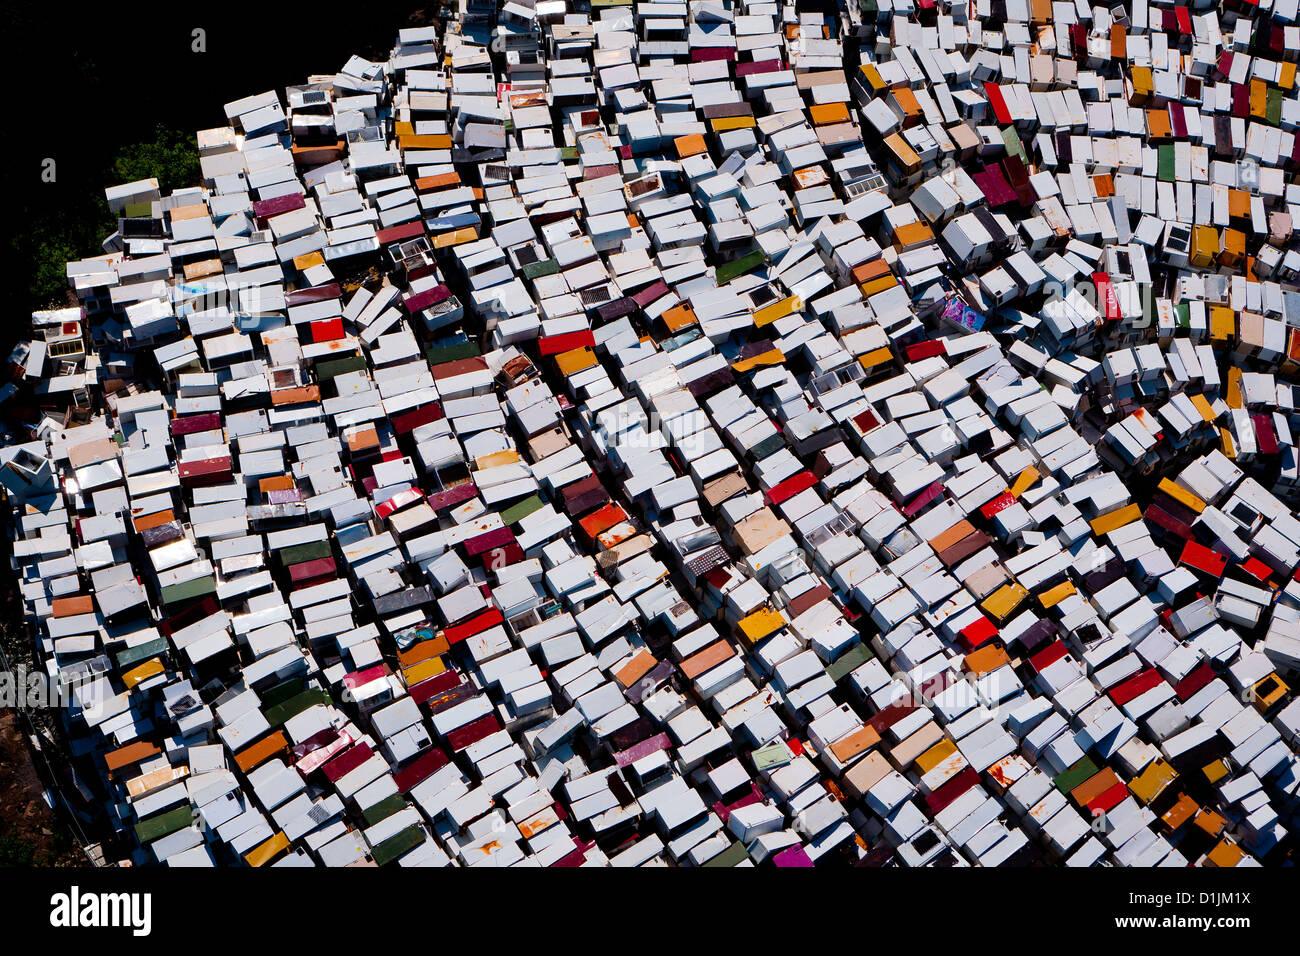 Fotografía aérea de los refrigeradores antiguos en colores diferentes, en el sureste de Noruega. Imagen De Stock